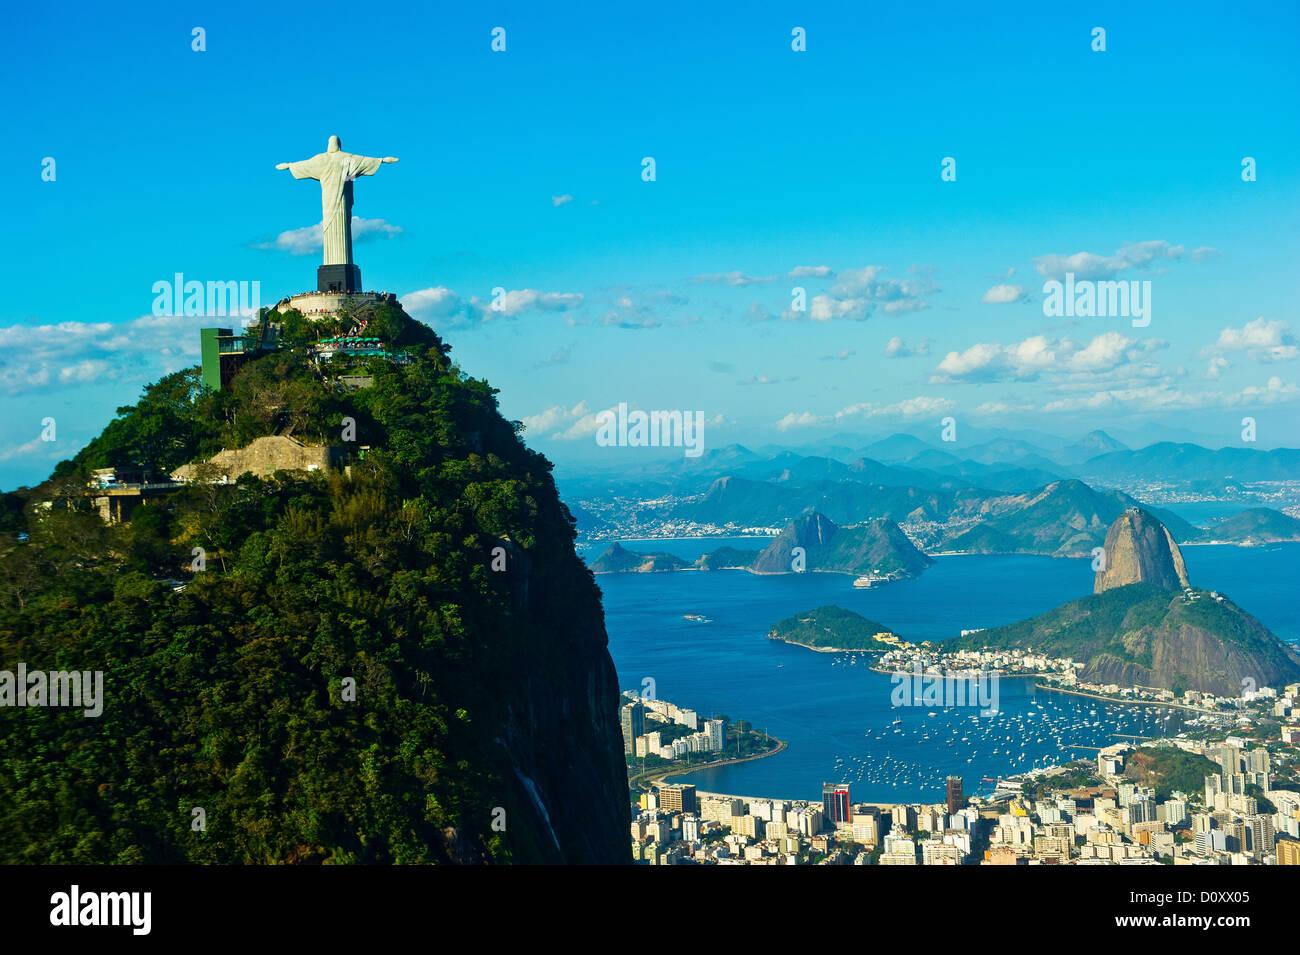 Cristo Redentore statua con vista su Rio de Janeiro e Sugarloaf Mountain, Brasile Immagini Stock